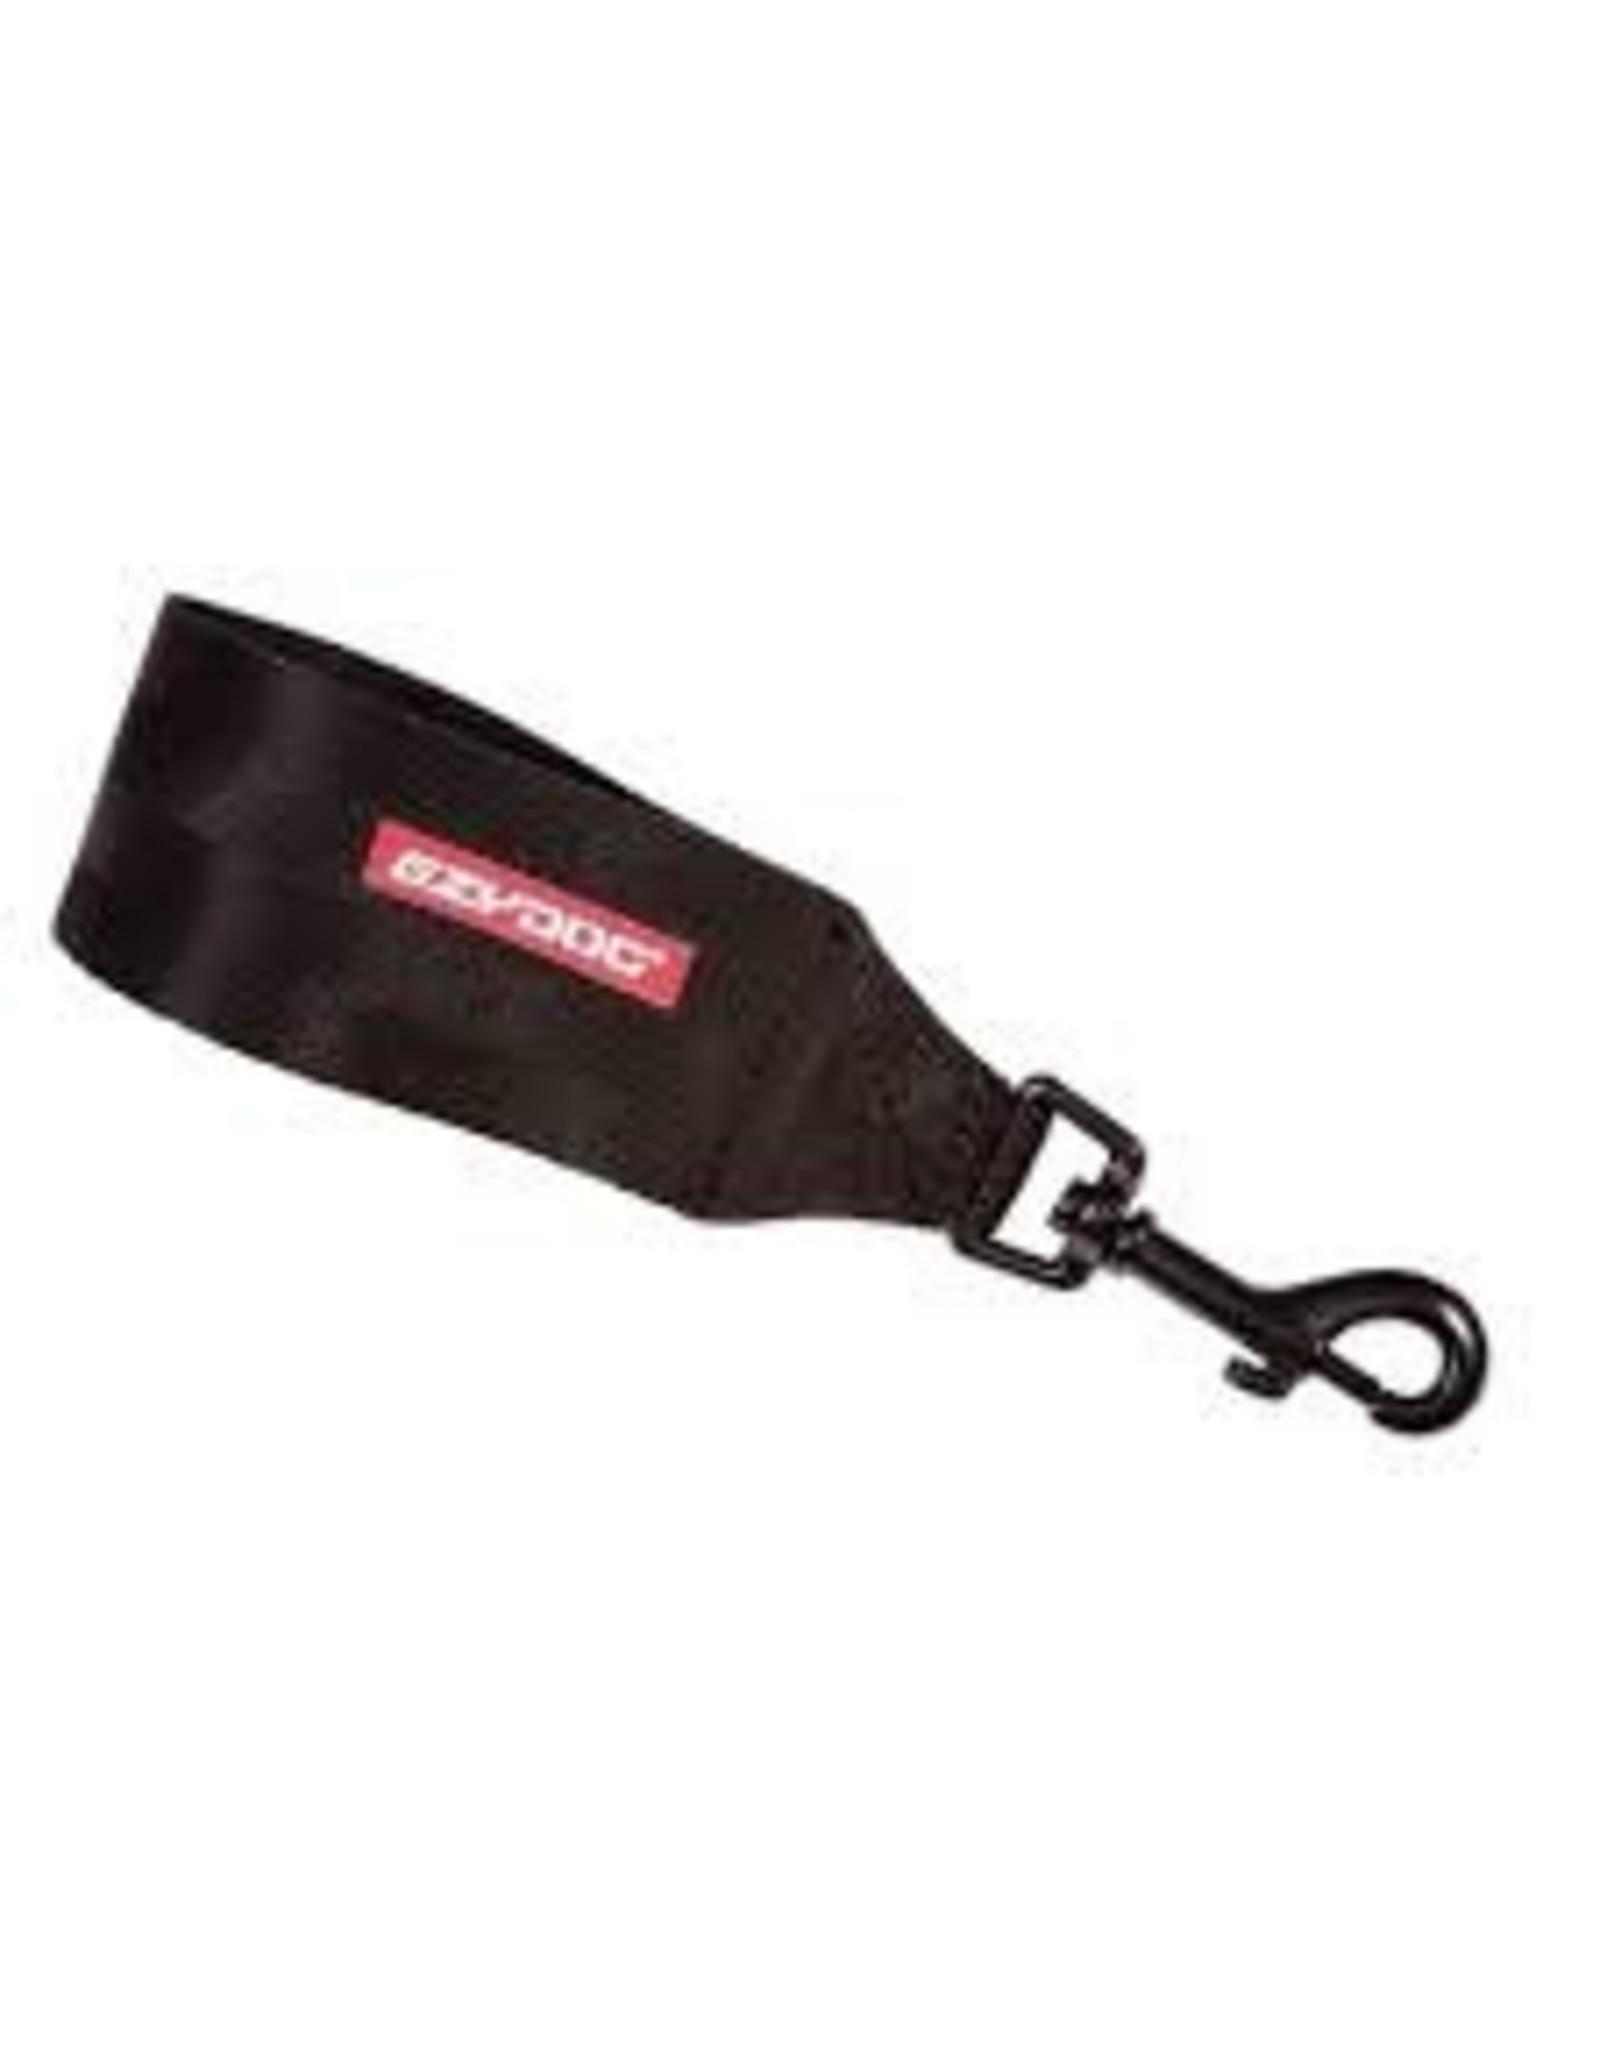 Ezydog Ezydog - Seat Belt Restraint Black